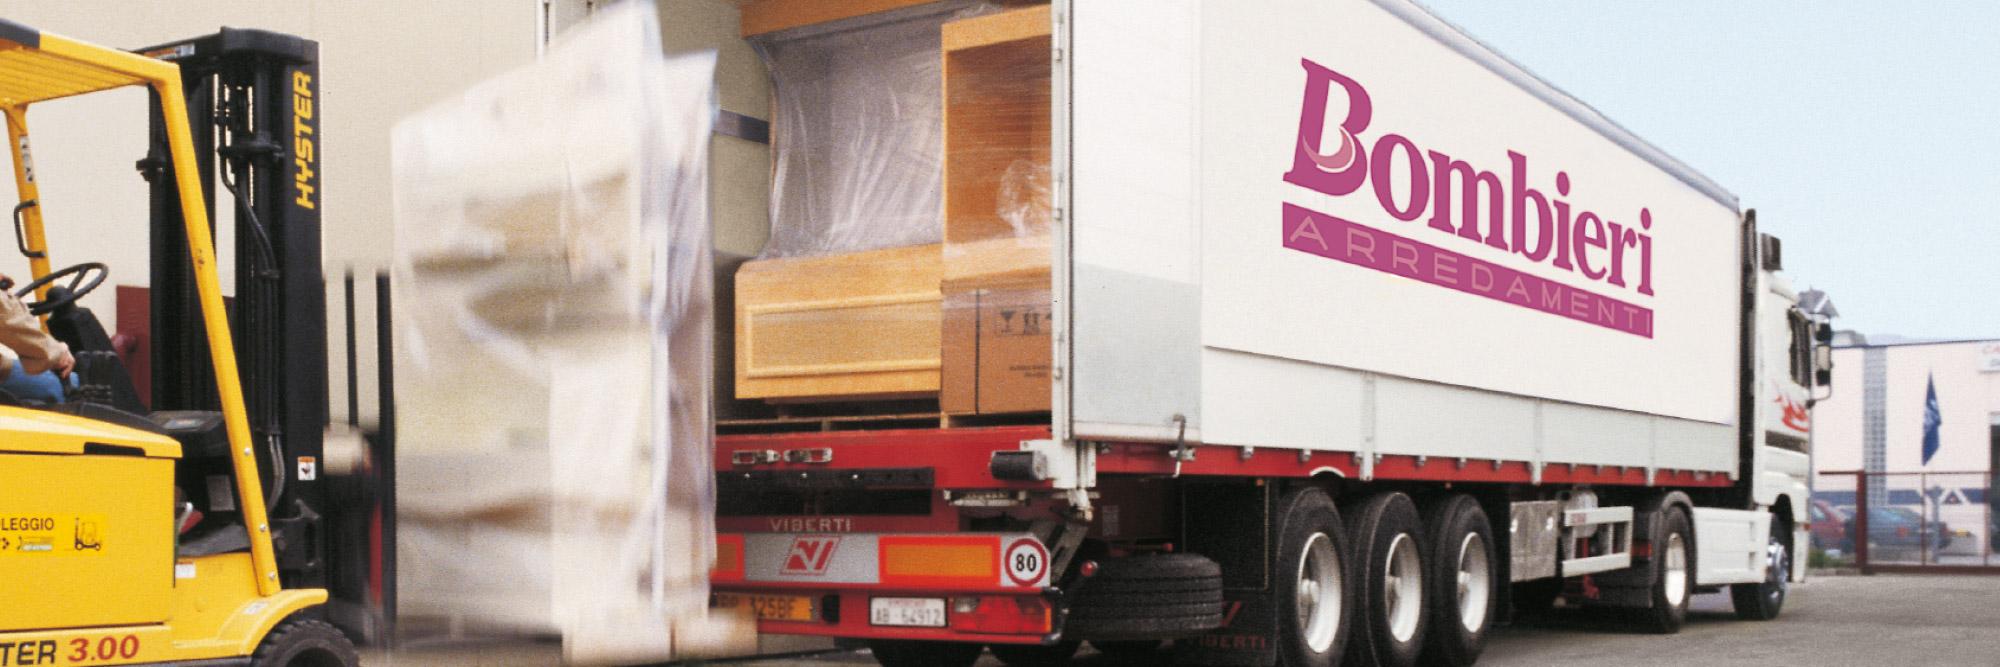 Assistenza bombieri arredamenti for Responsabile produzione arredamento